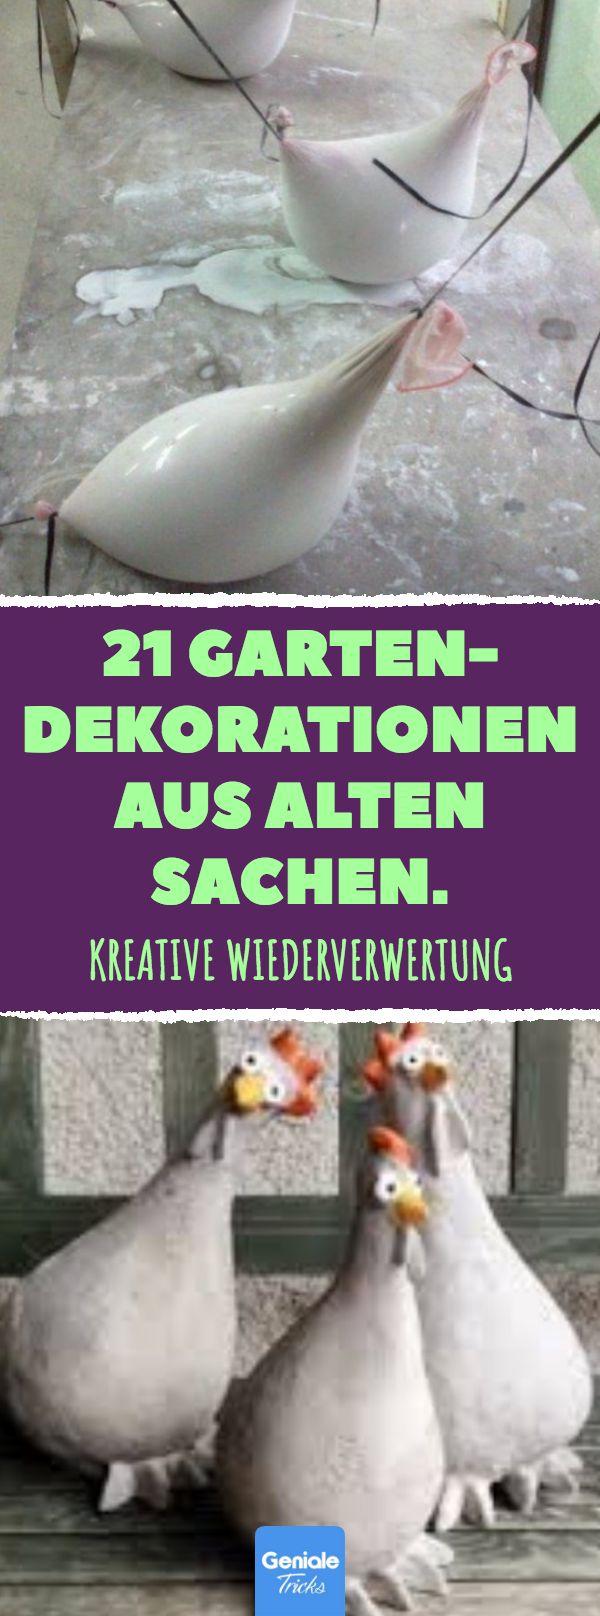 21 Garten- Dekorationen aus alten Sachen. #Gartend…